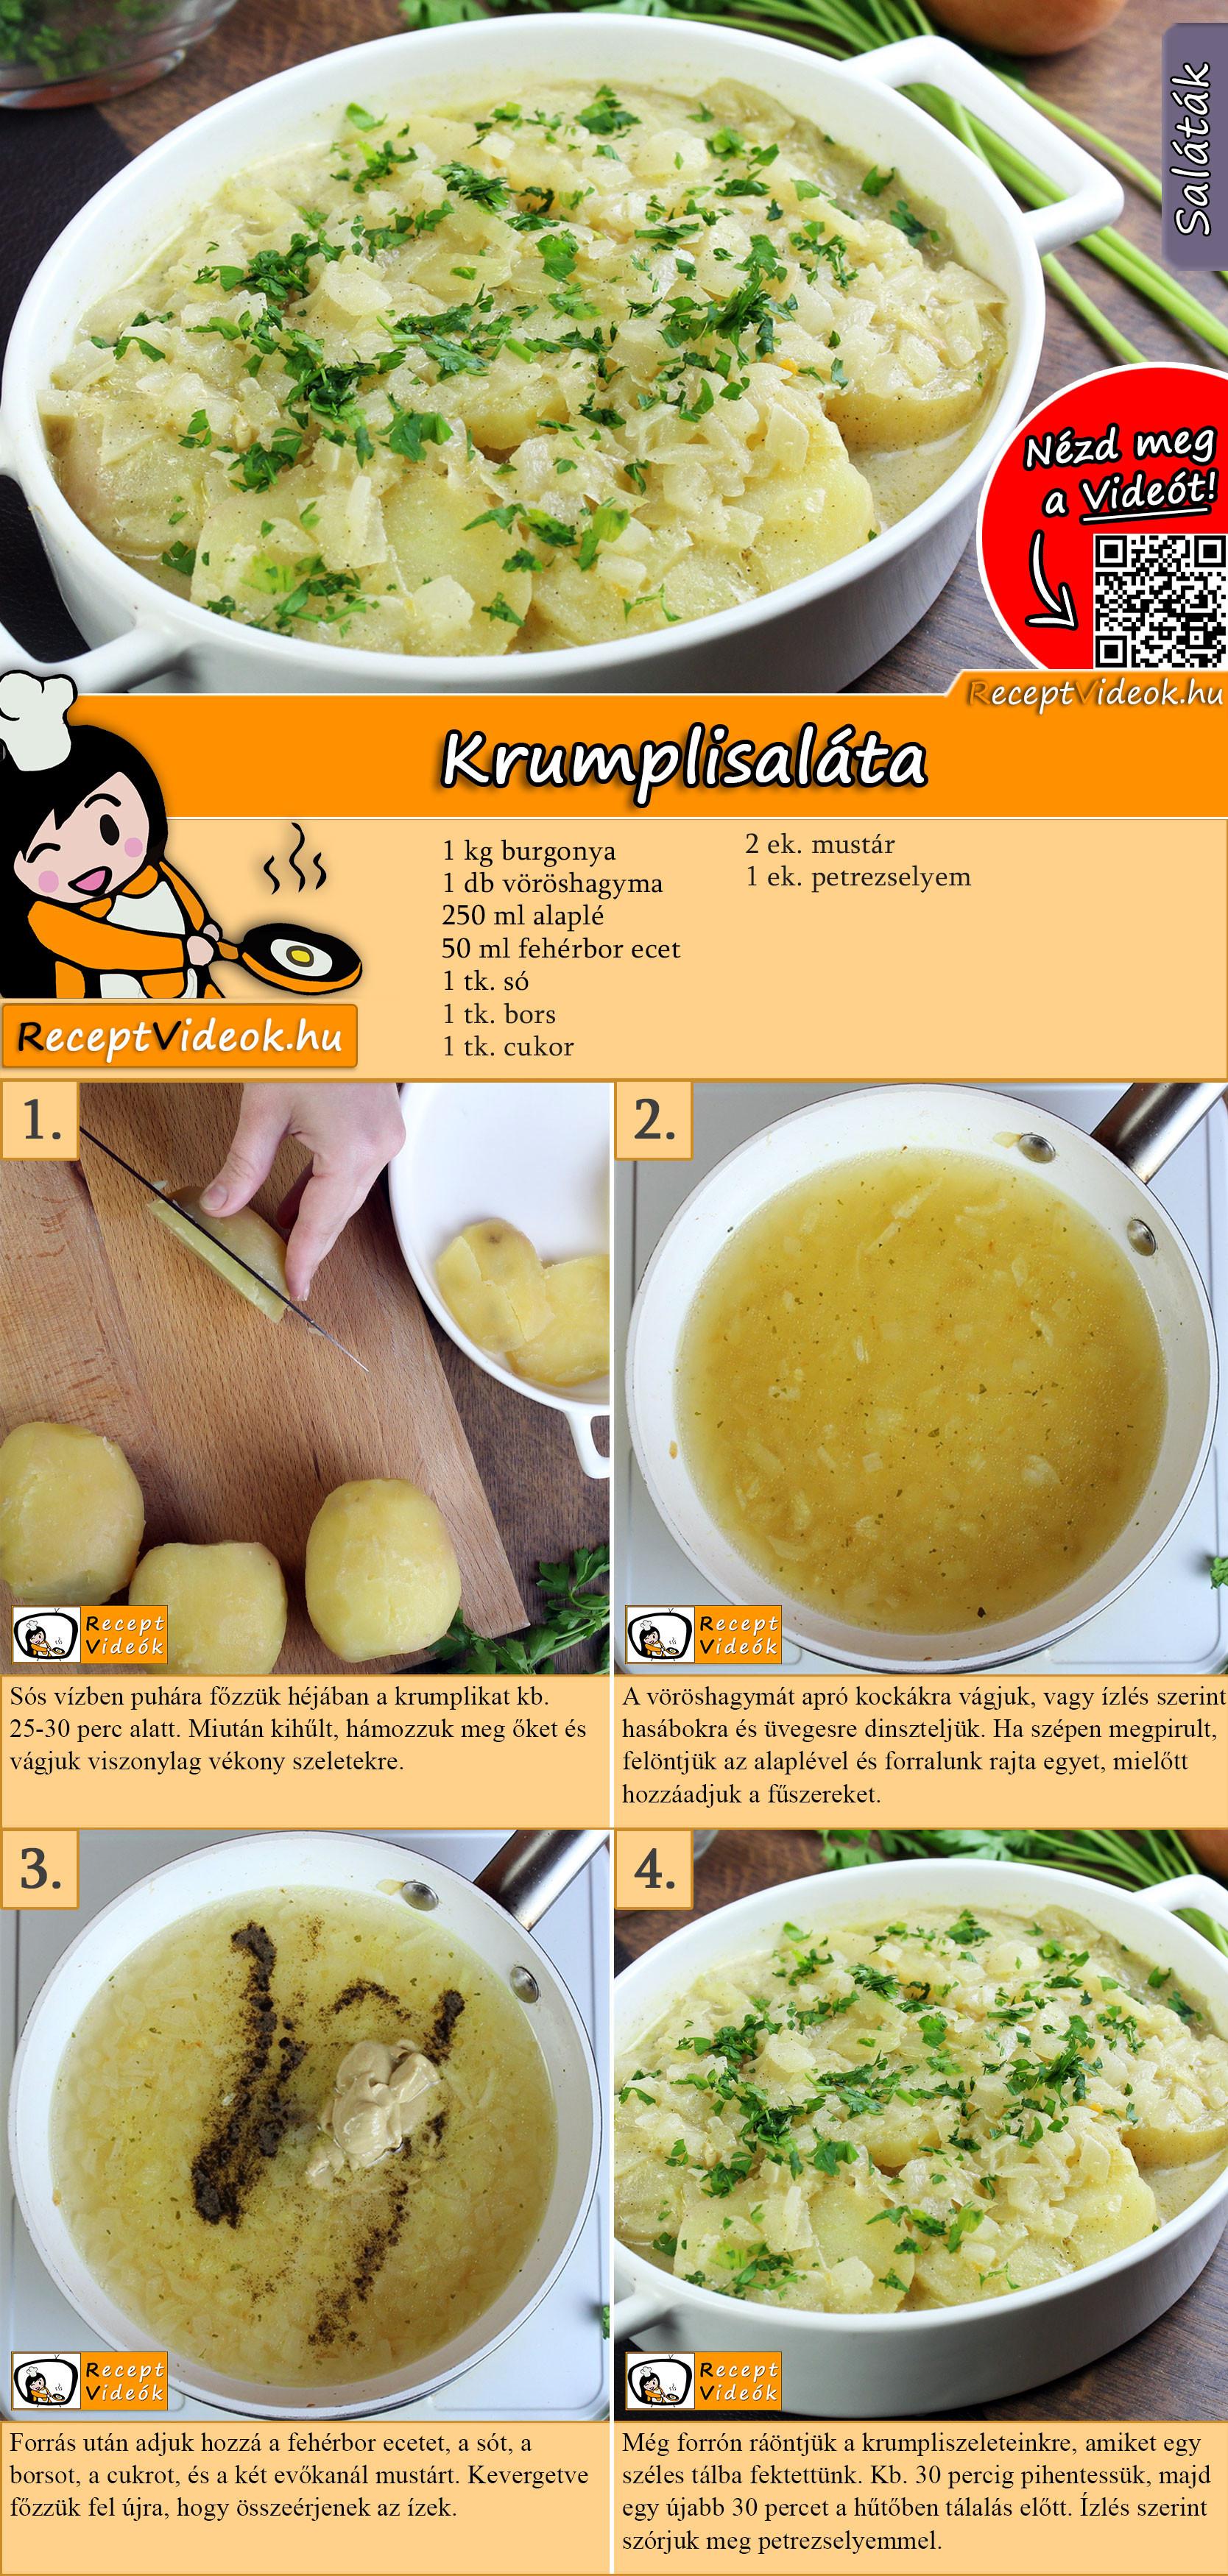 Krumplisaláta recept elkészítése videóval